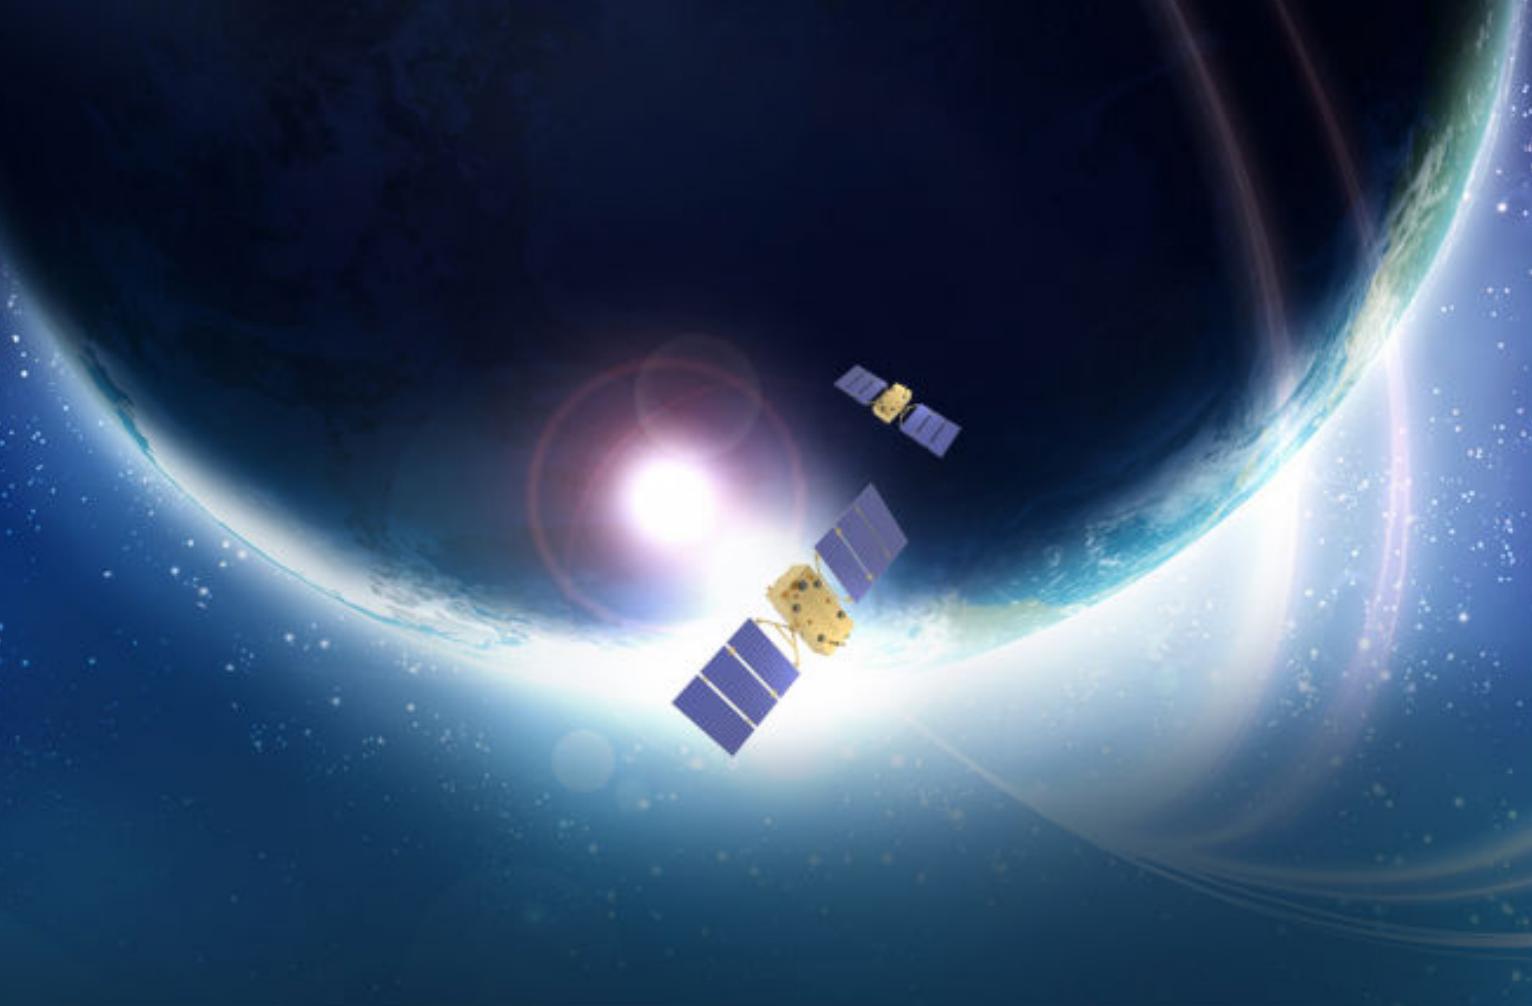 领克汽车携手时空道宇开启双星发射计划